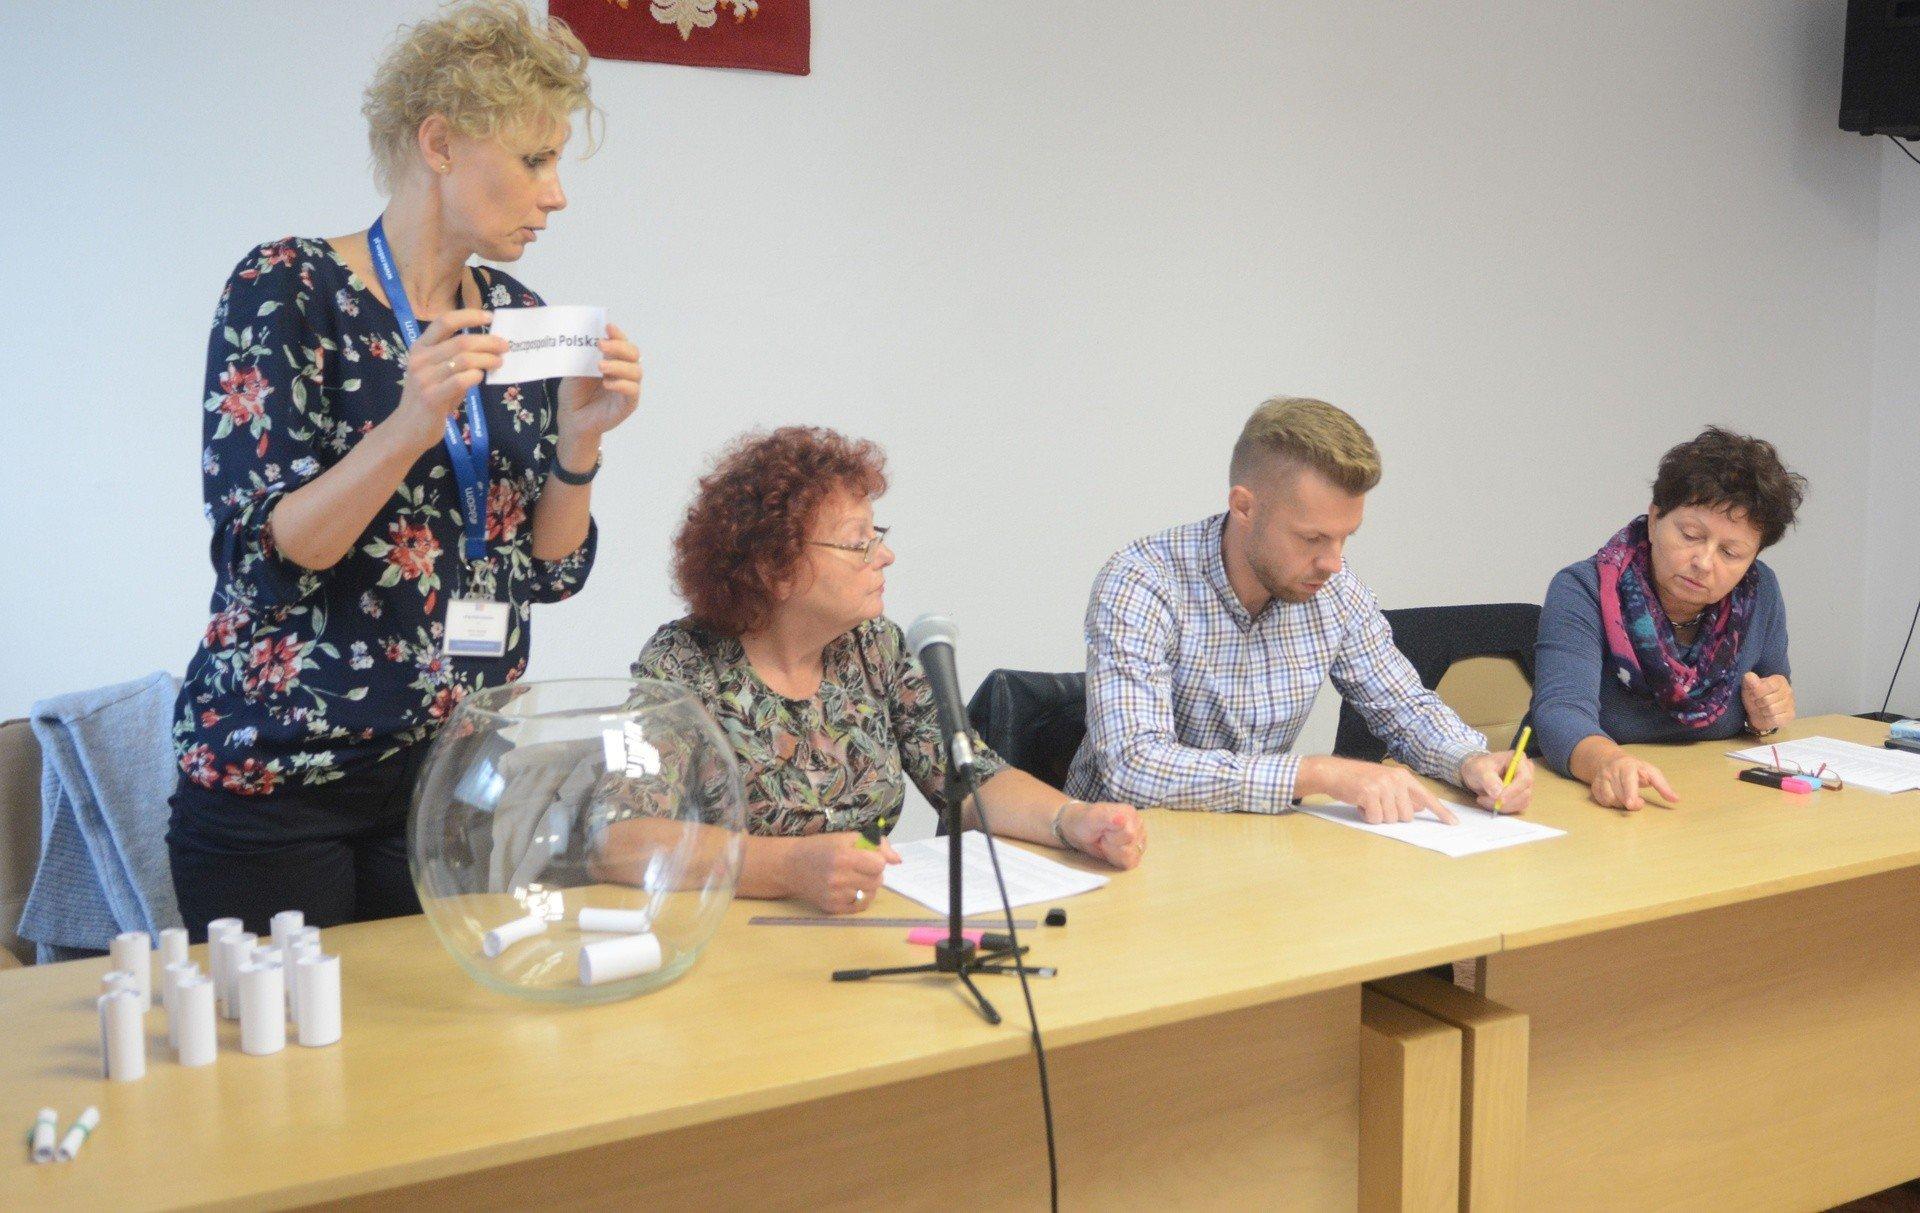 goszczyn reviews personals mgla u bazyla sobota 29 04 2017